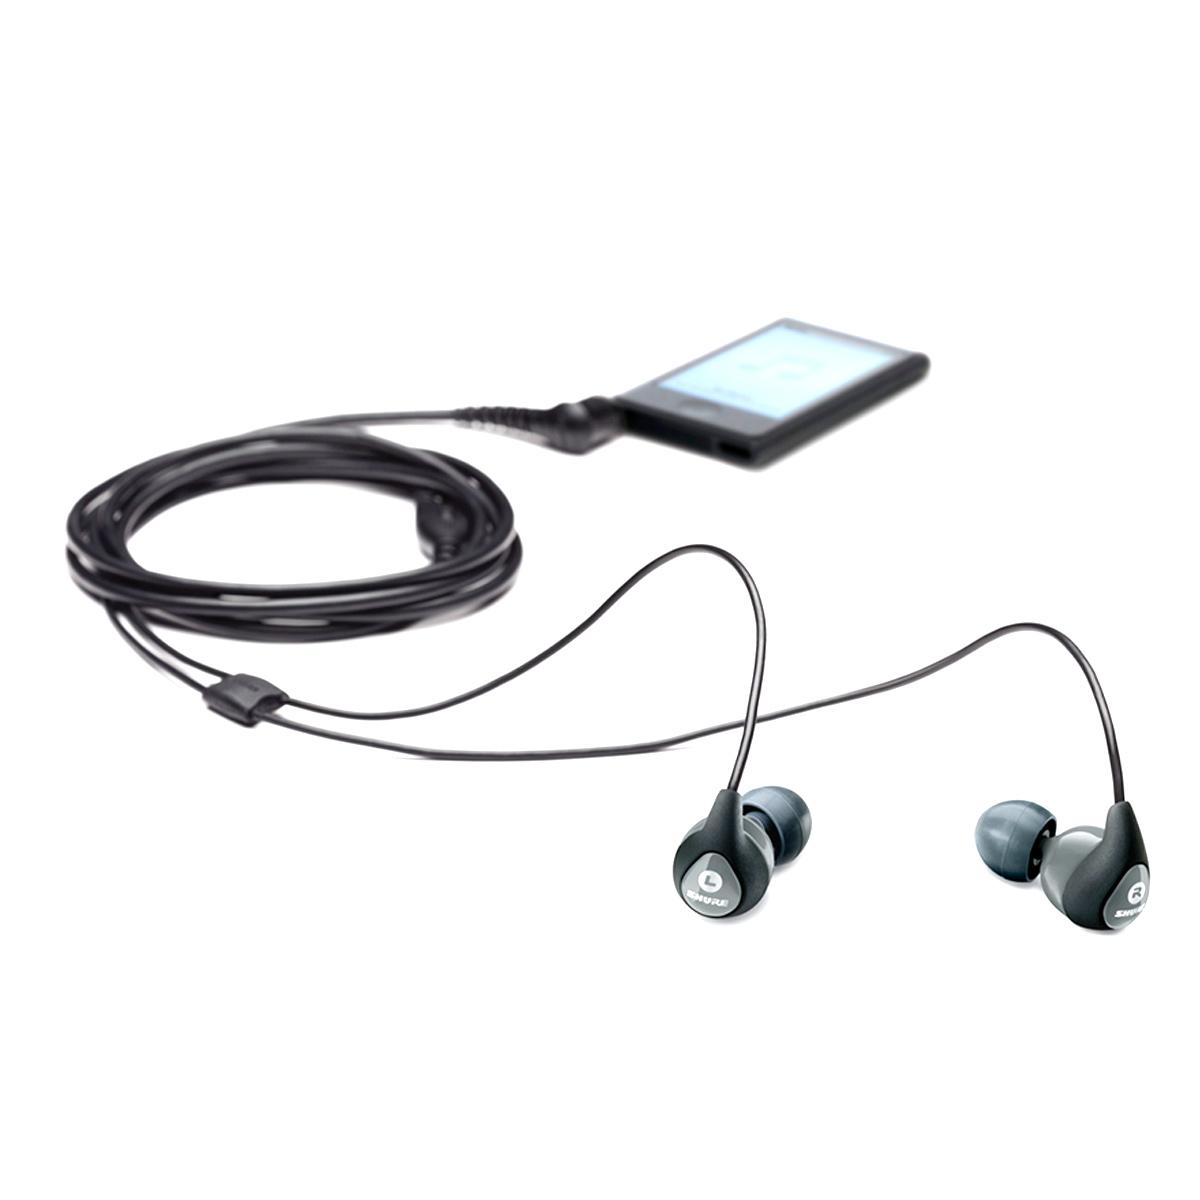 SE112 - Fone de Ouvido In-ear SE 112 - Shure